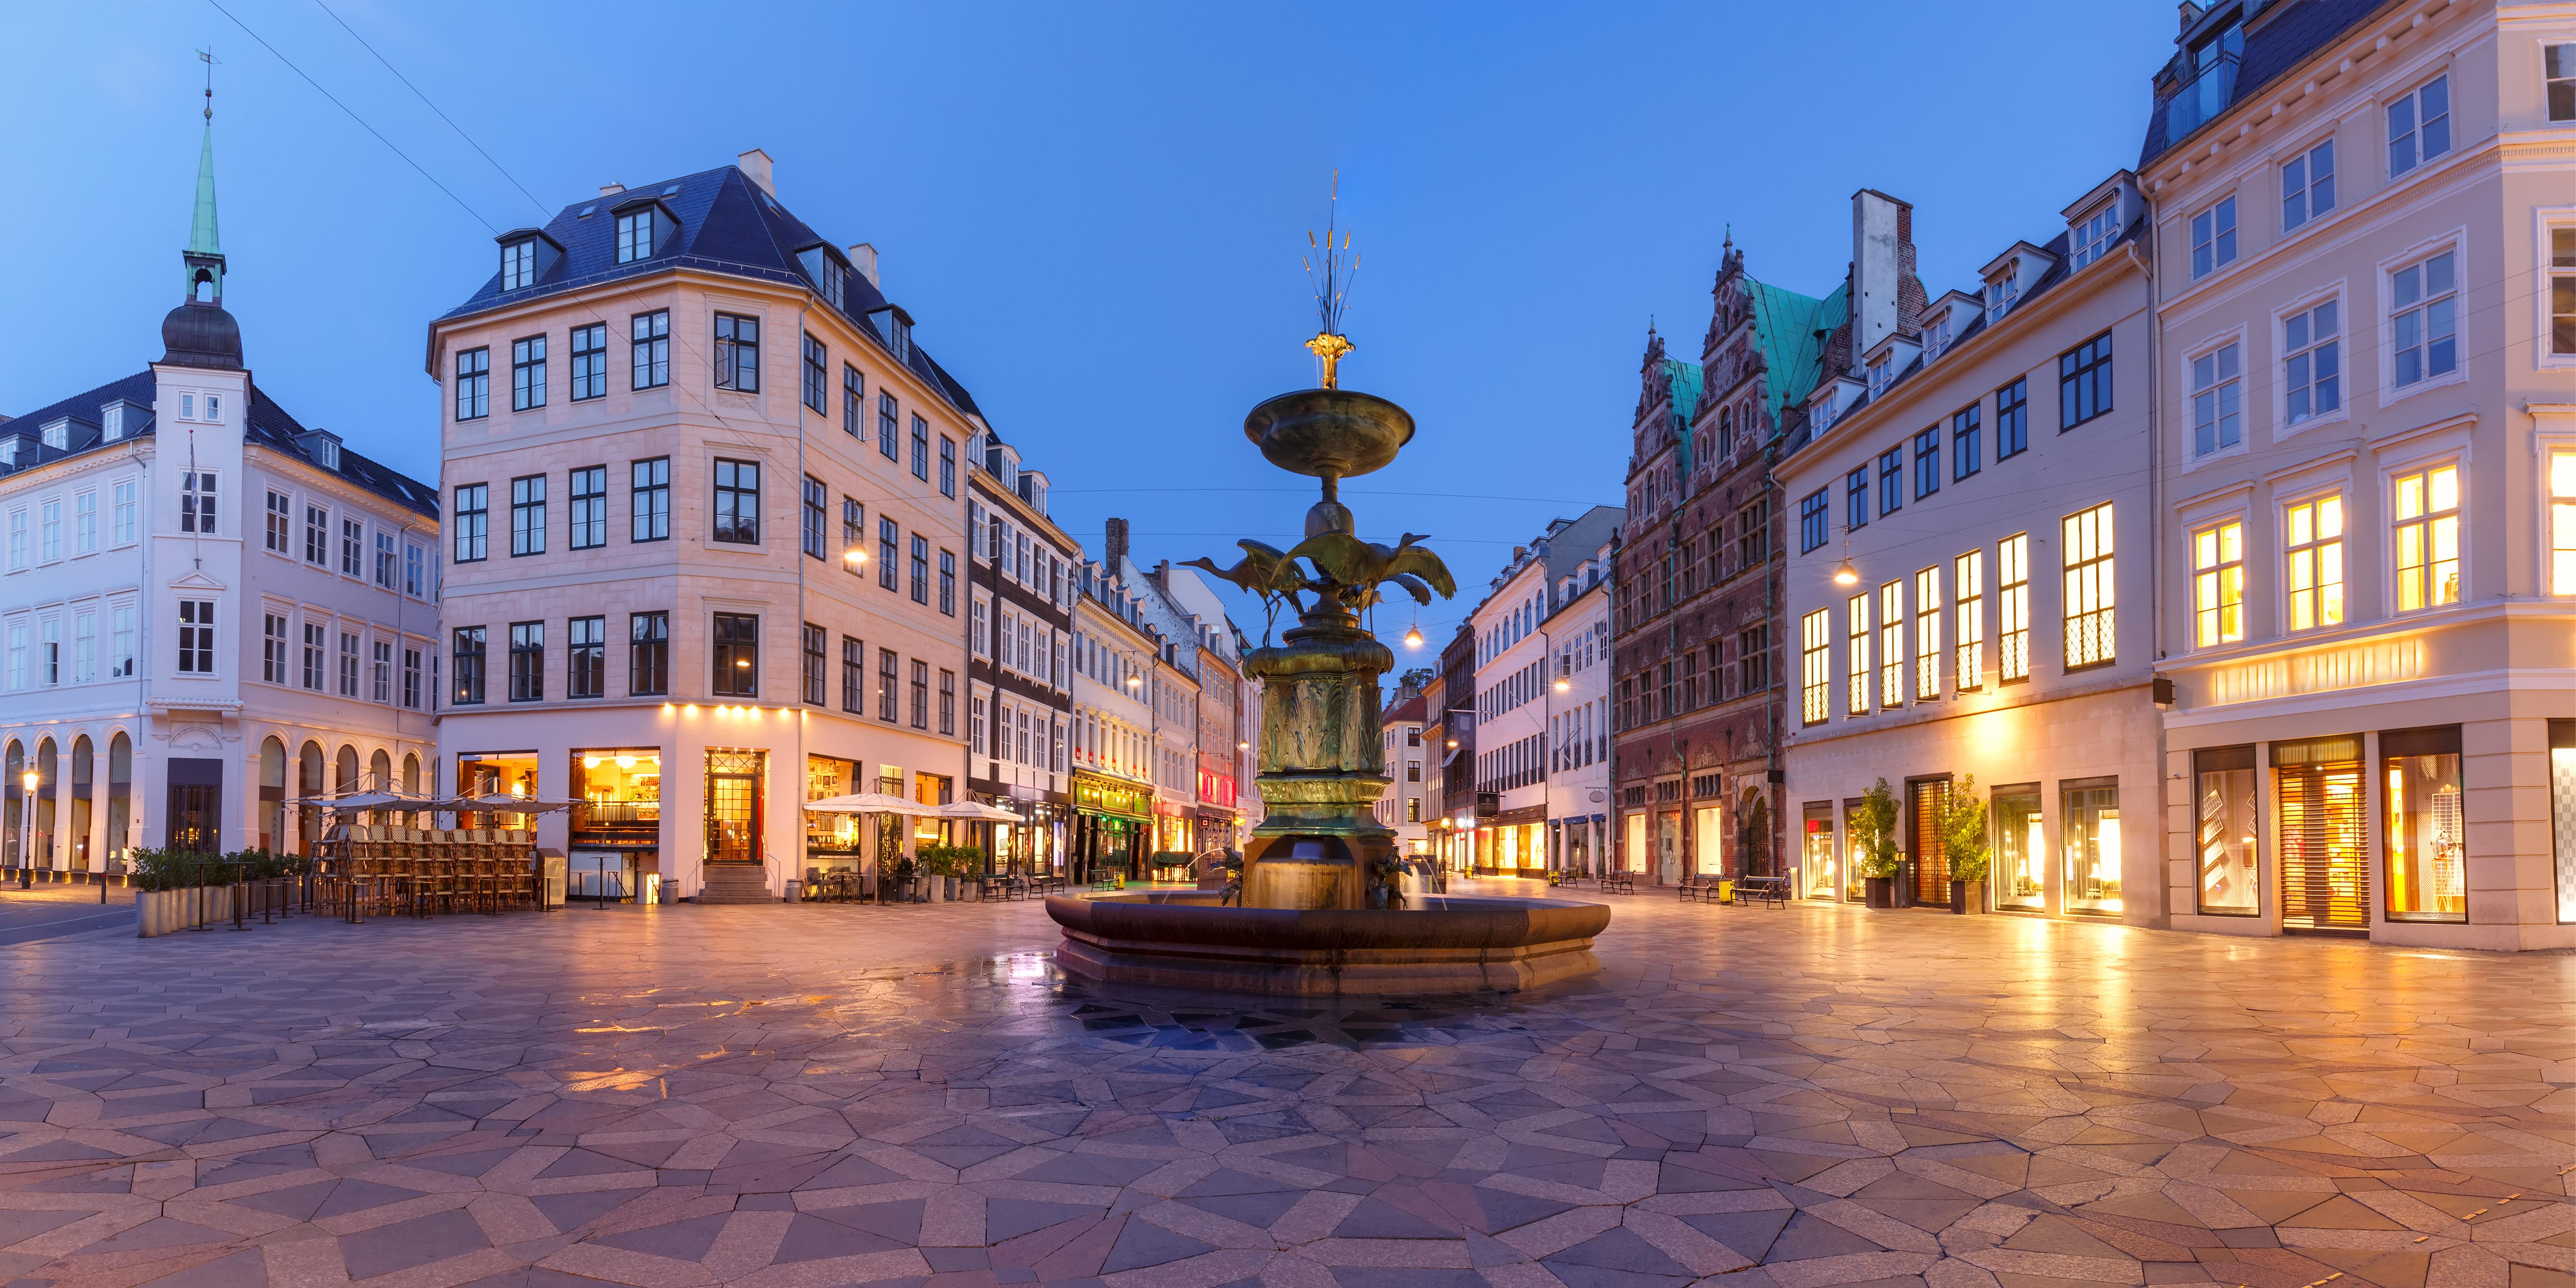 كوبنهاغن عاصمة الدنمارك